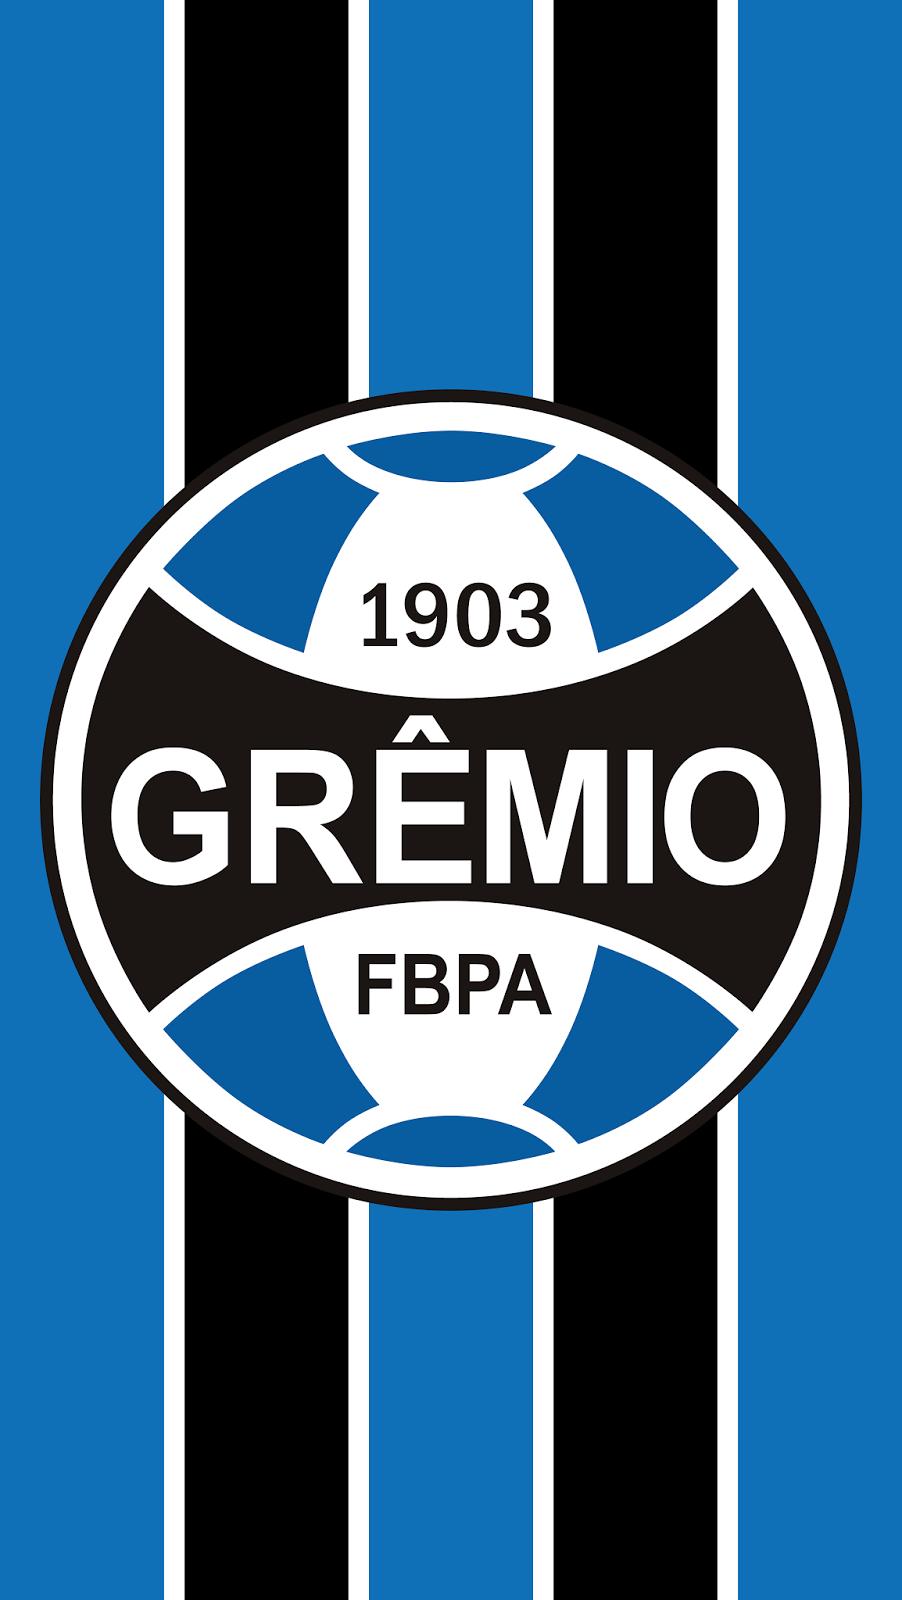 wallpaper de futebol Grmio escudo Imagens para Whatsapp 902x1600